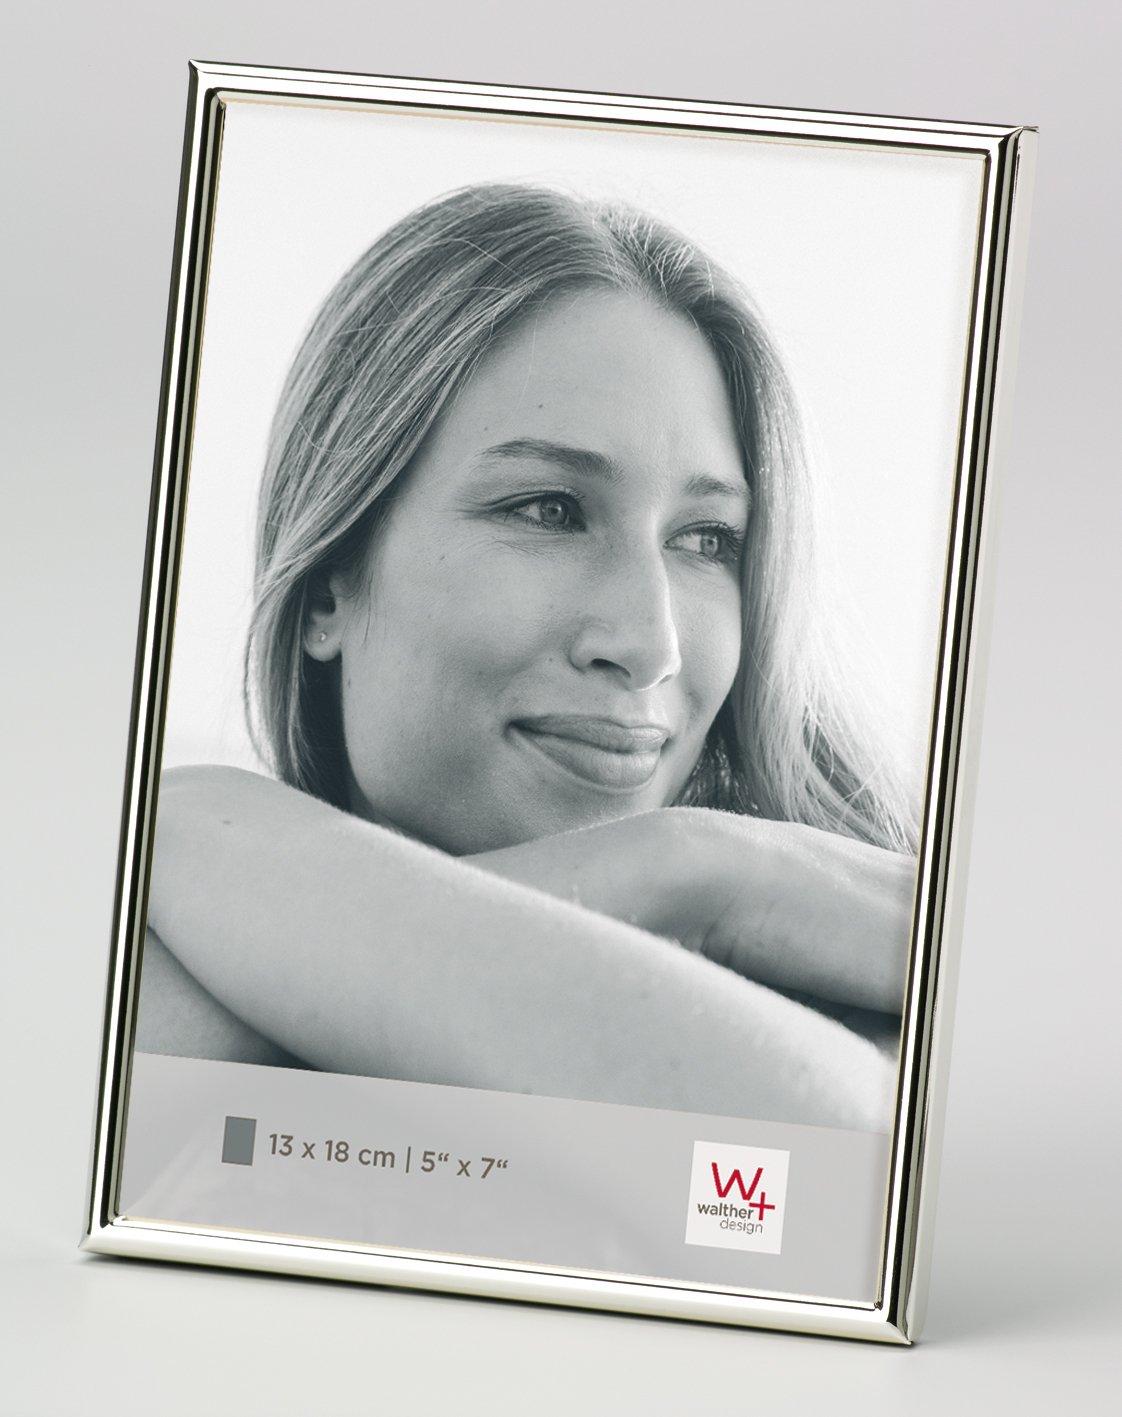 Walther, Chloe, Marco para Retrato, WD338S, Marco Triple, 3x13x18 cm, Plateado: Amazon.es: Hogar